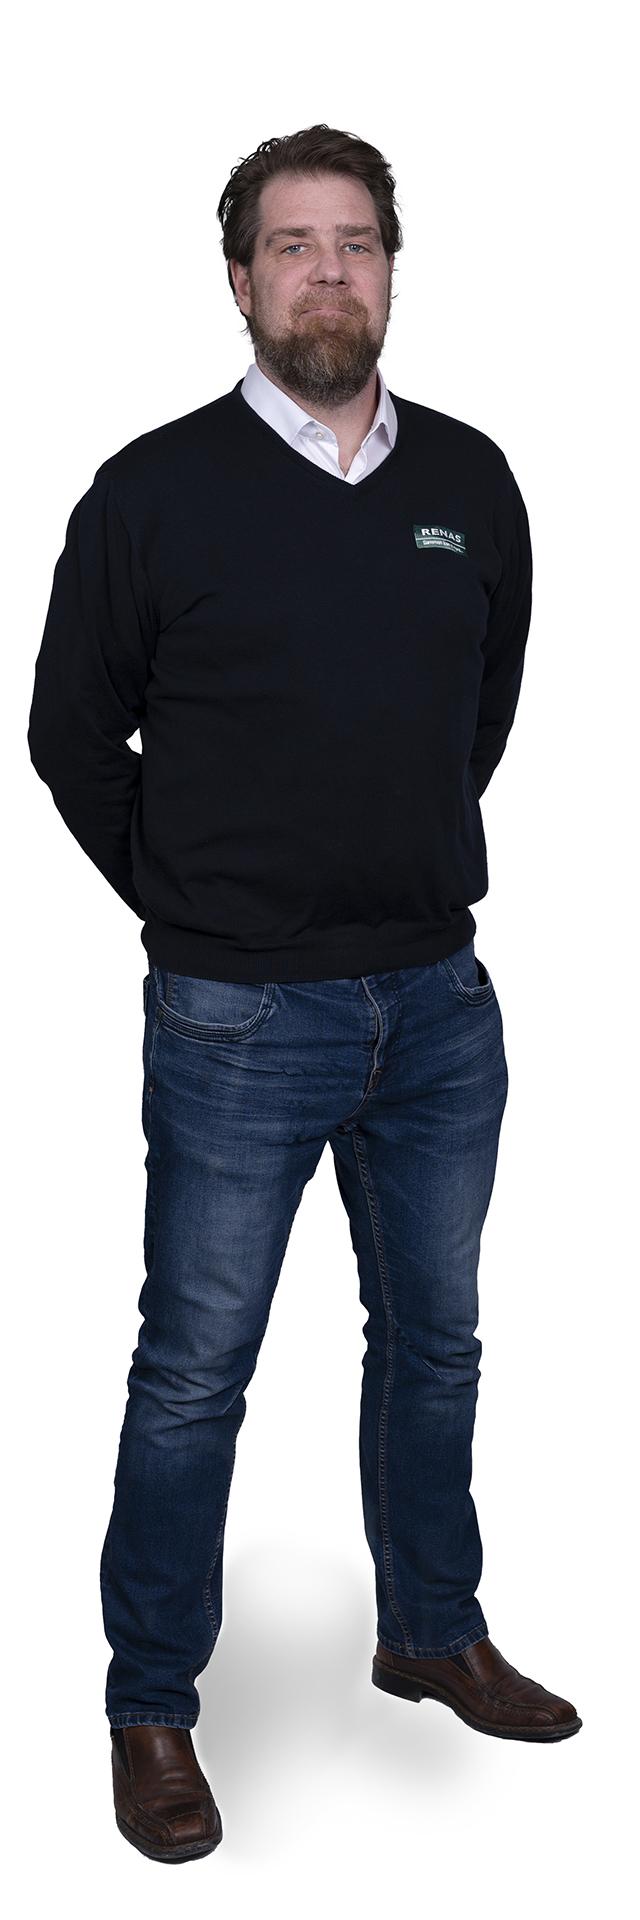 Renas Hel Figur 2021 1487